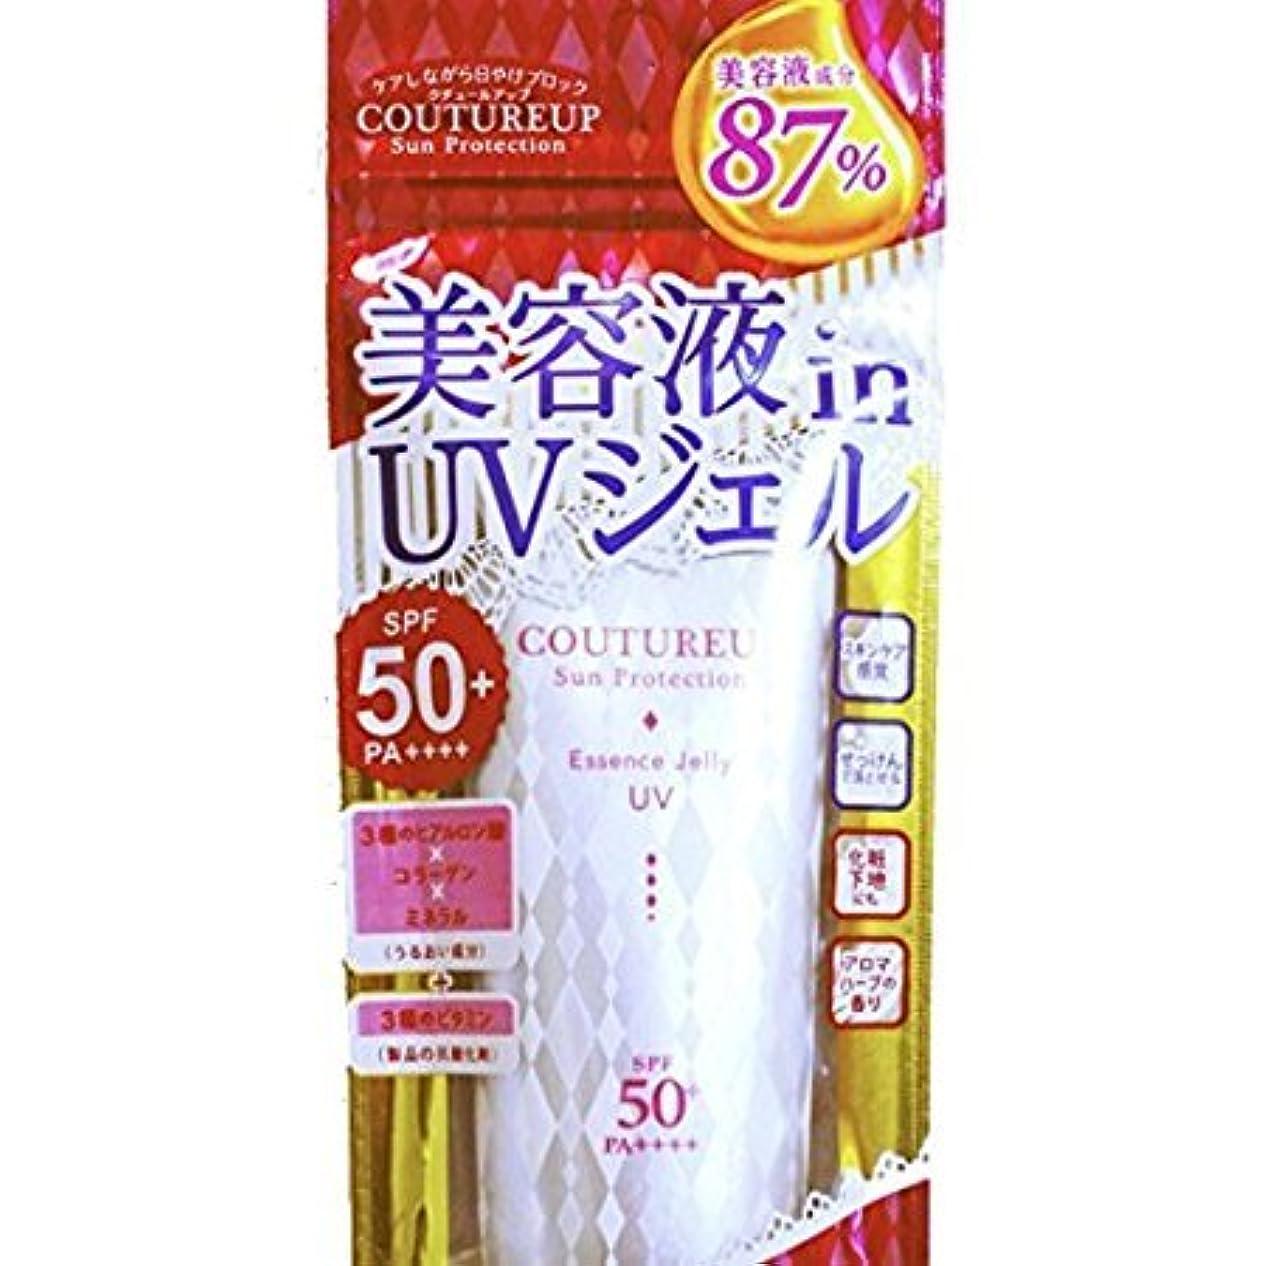 魅惑する悲惨な床美容液 in UVジェル SPF50+/PA++++ 65g 美容液成分87% 日焼け止め&化粧下地